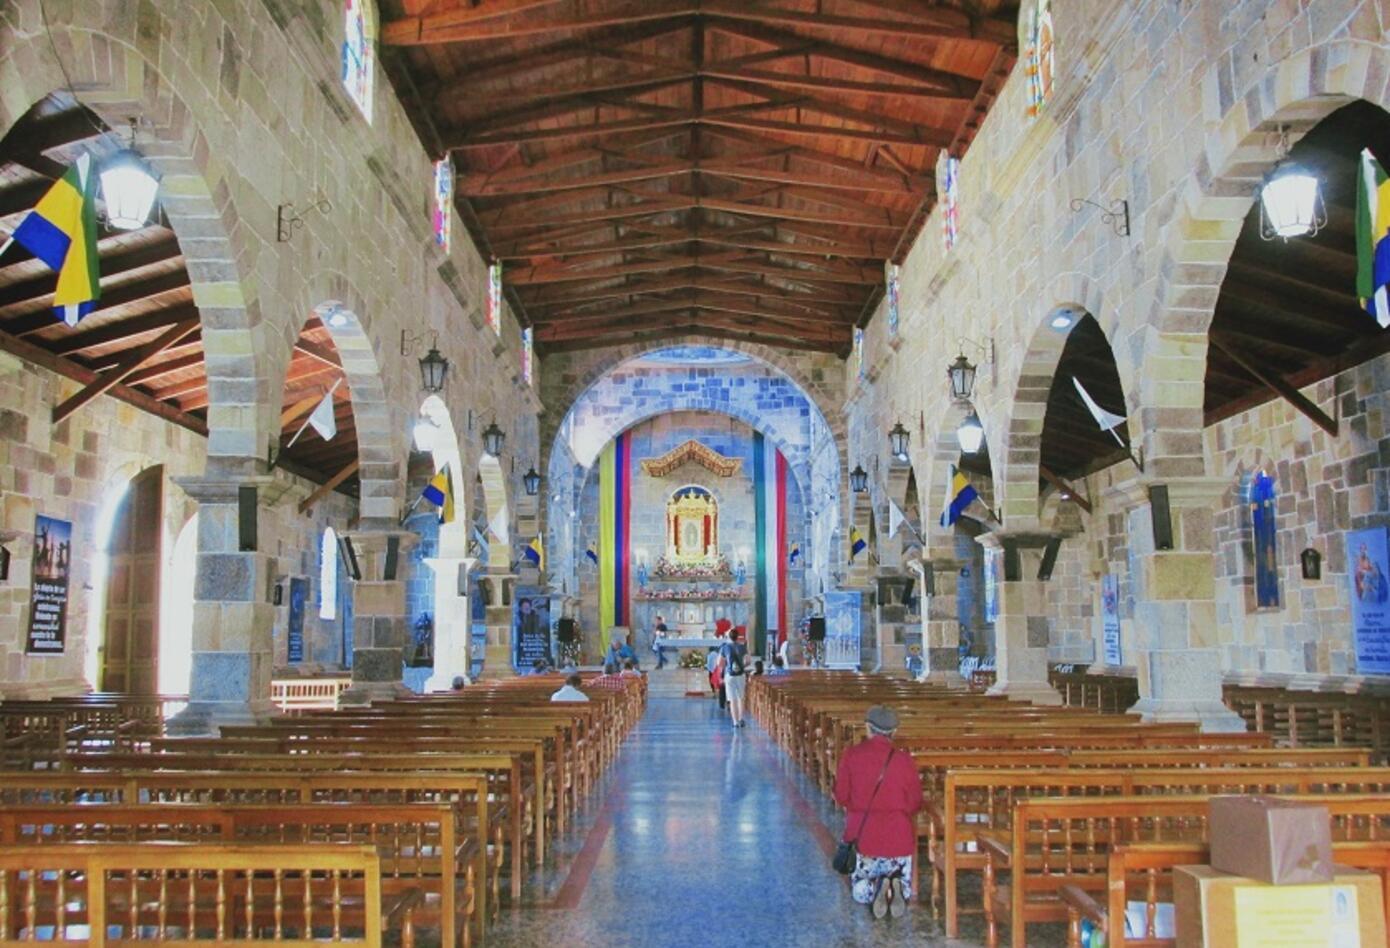 Parroquia Santuario Nuestra Señora de Guadalupe (Guadalupe, Santander)